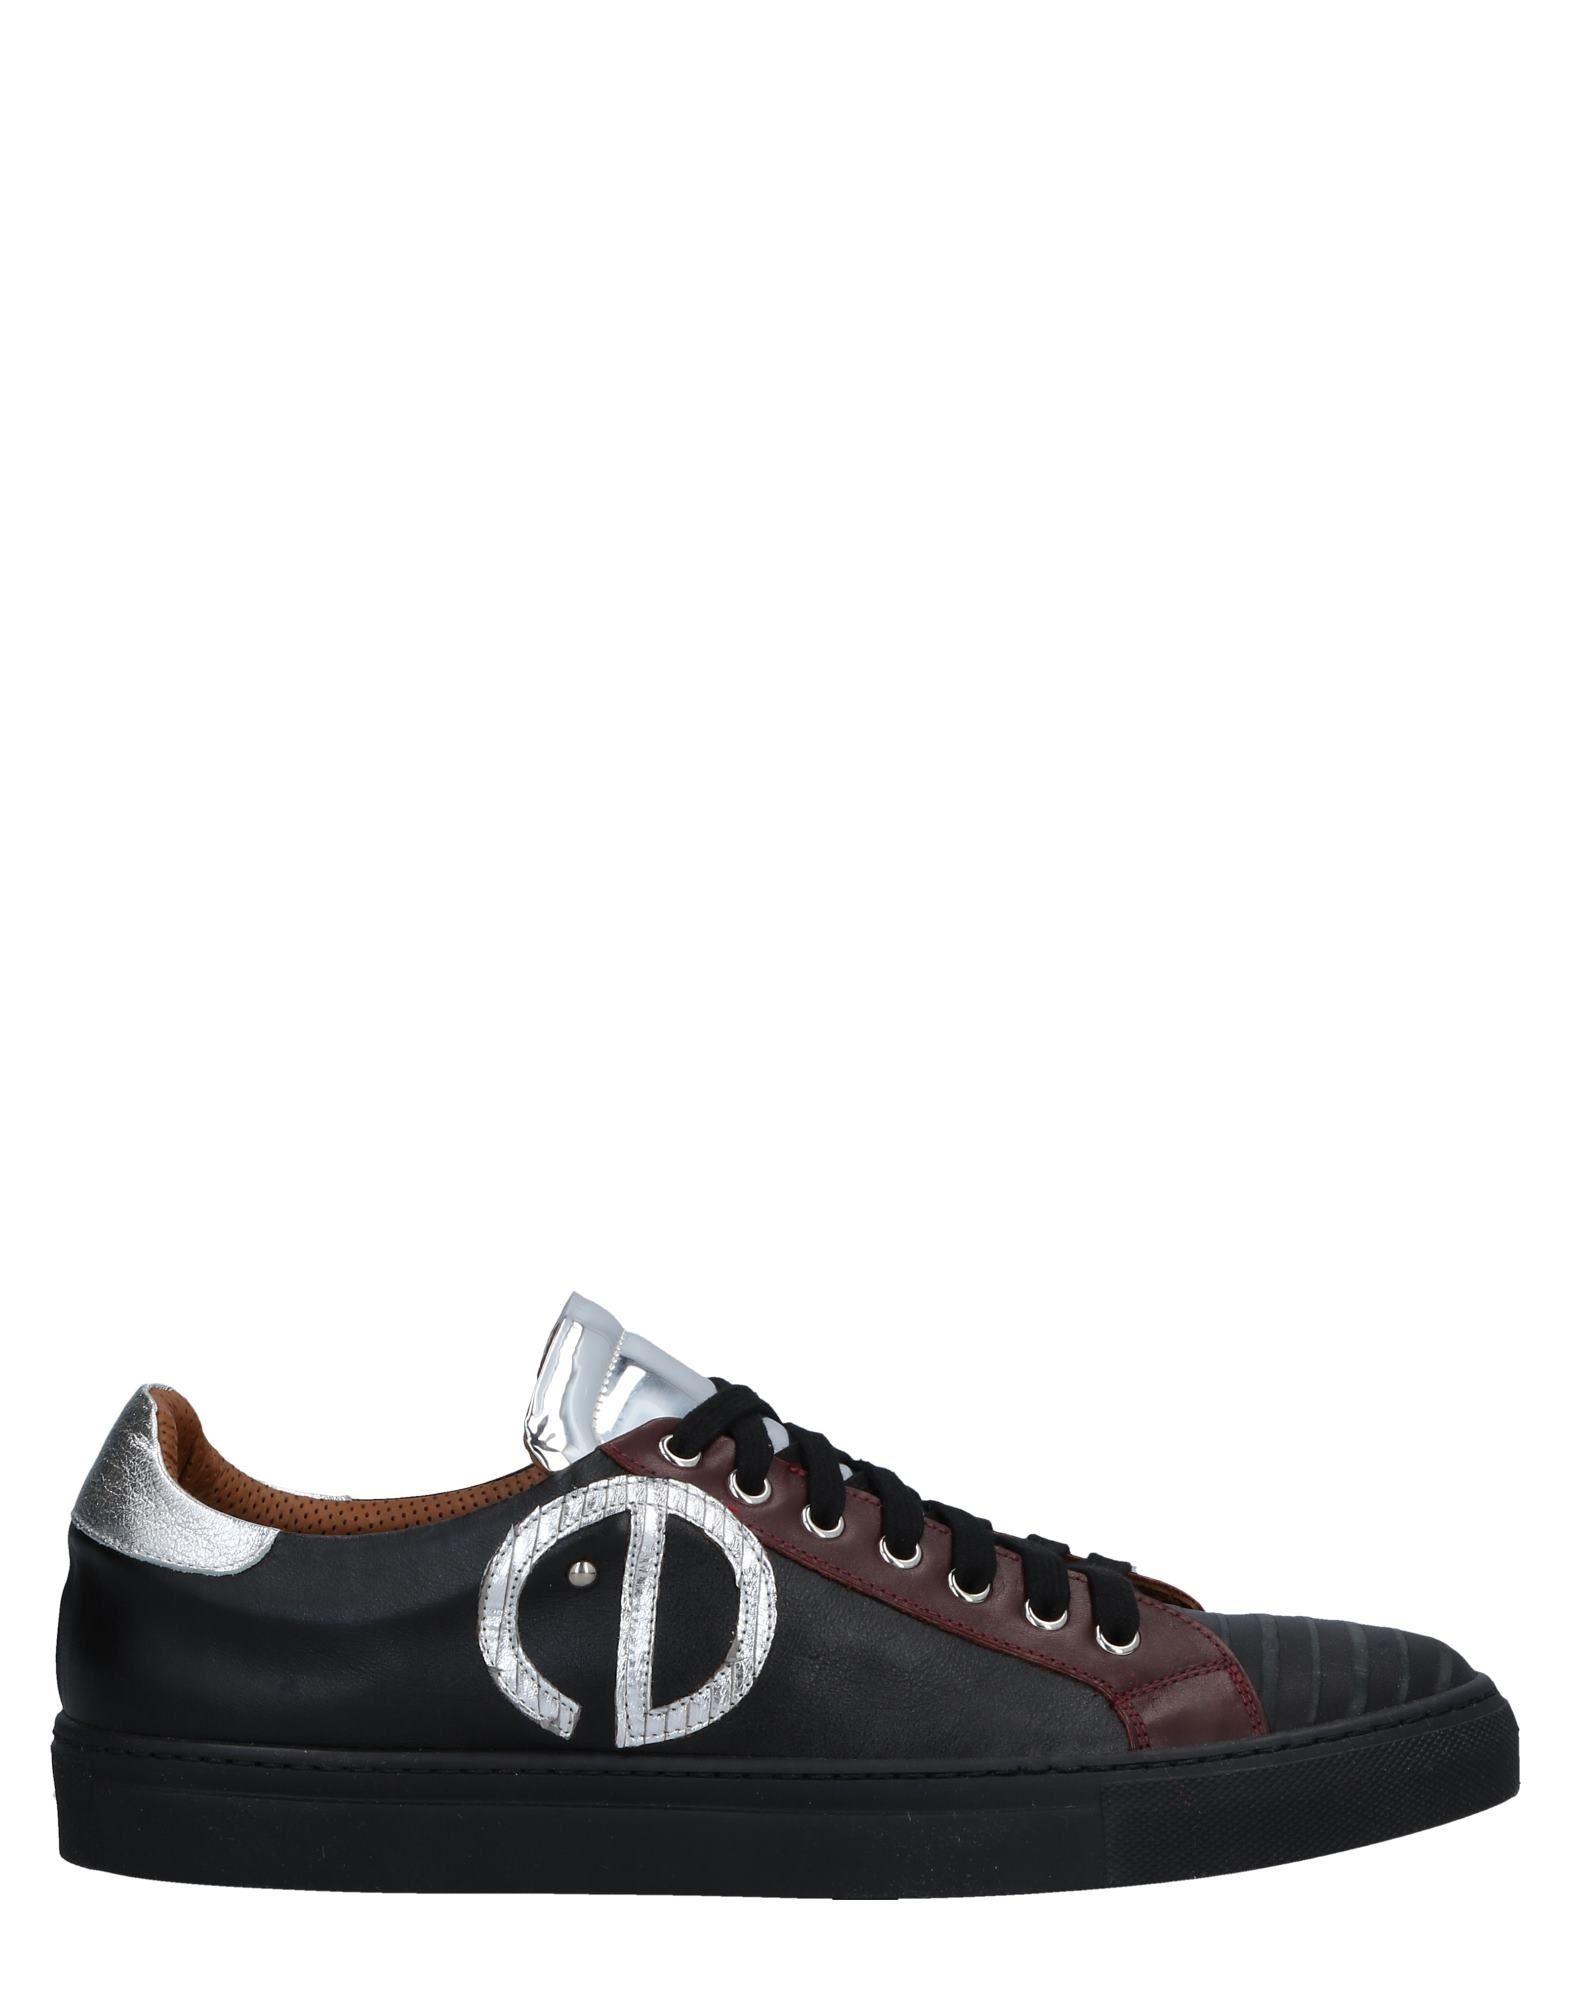 Sneakers Ebarrito Uomo - 11521314QW Scarpe economiche e buone